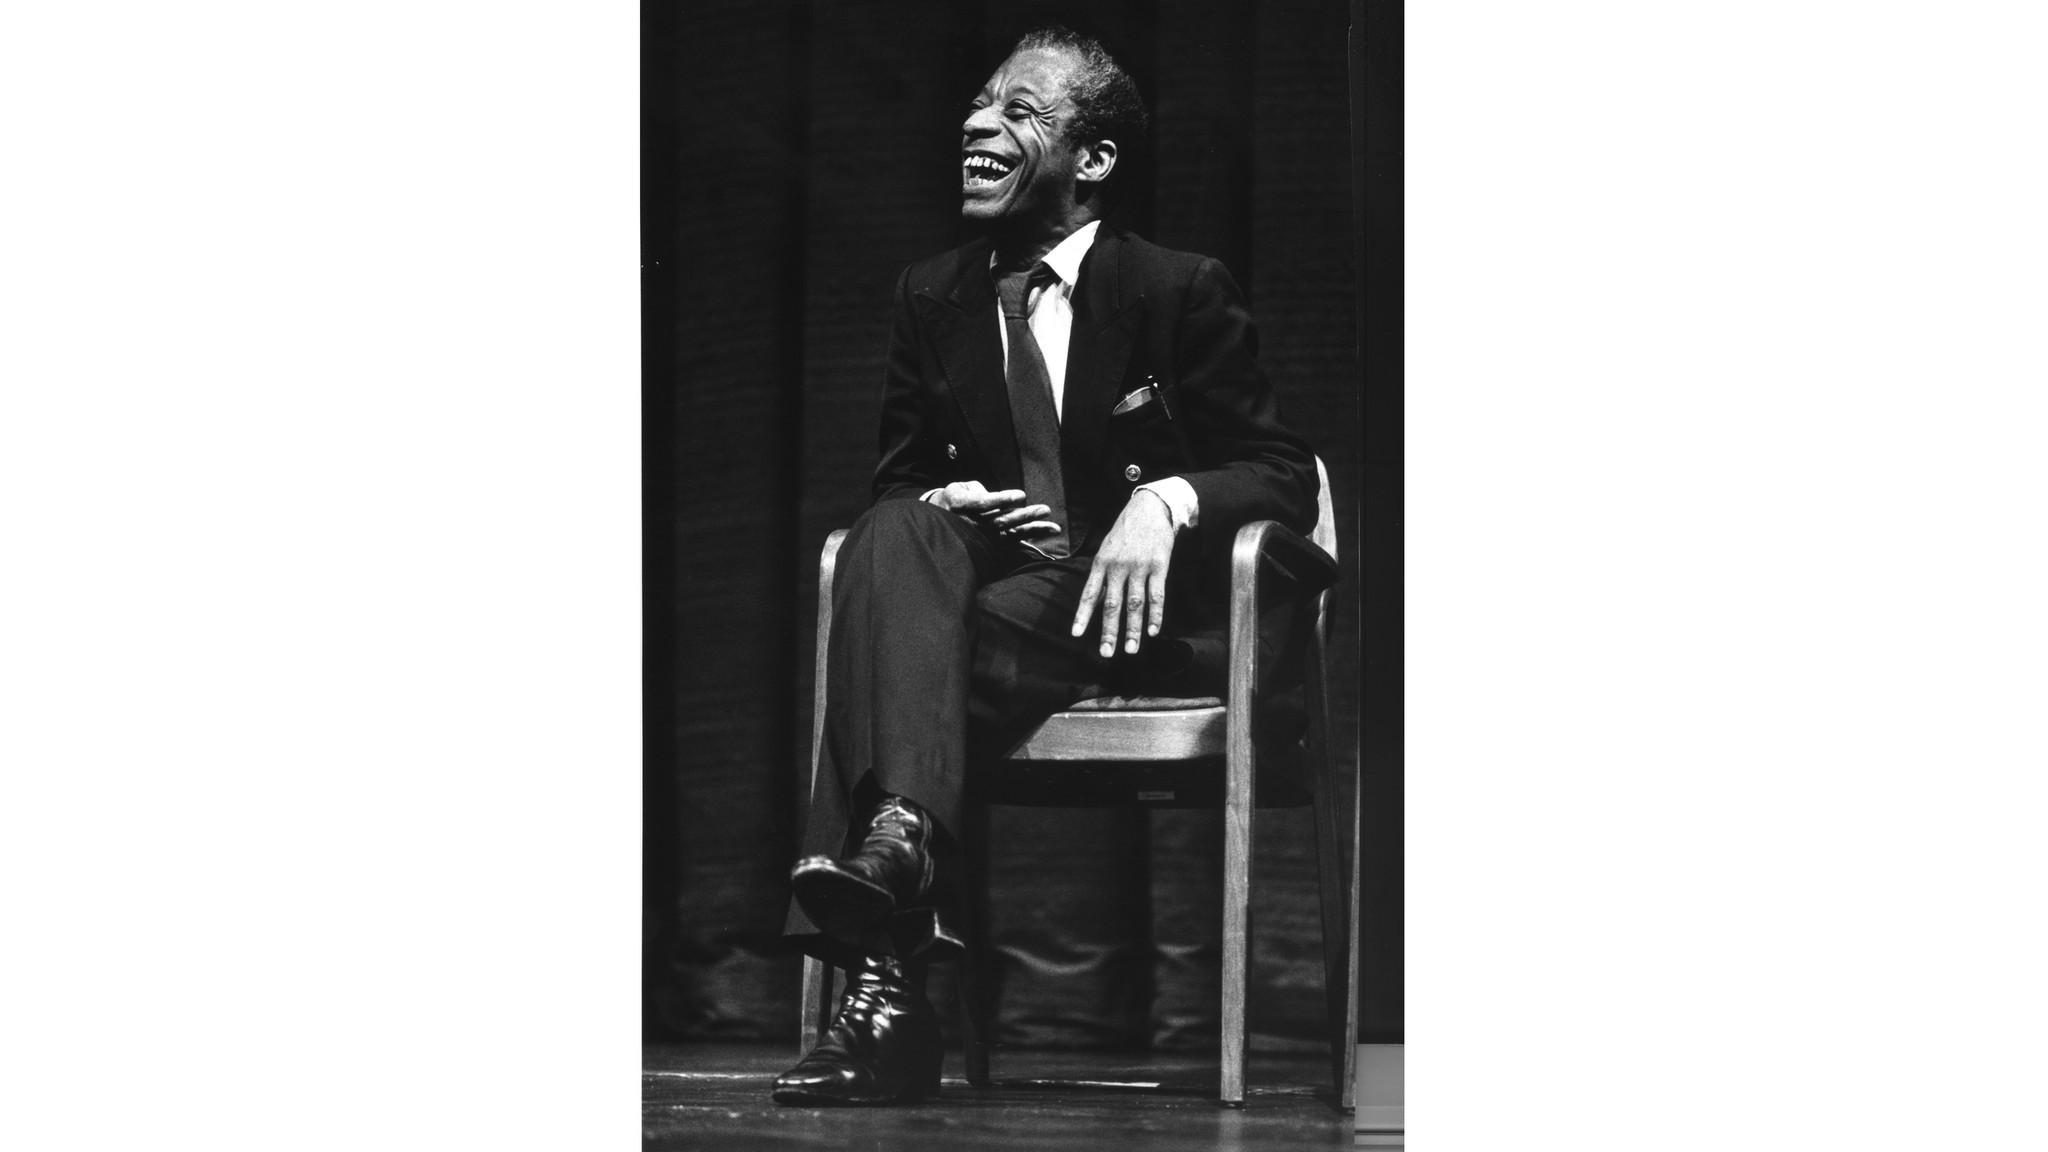 James Baldwin speaking at UC Berkeley, April 1979